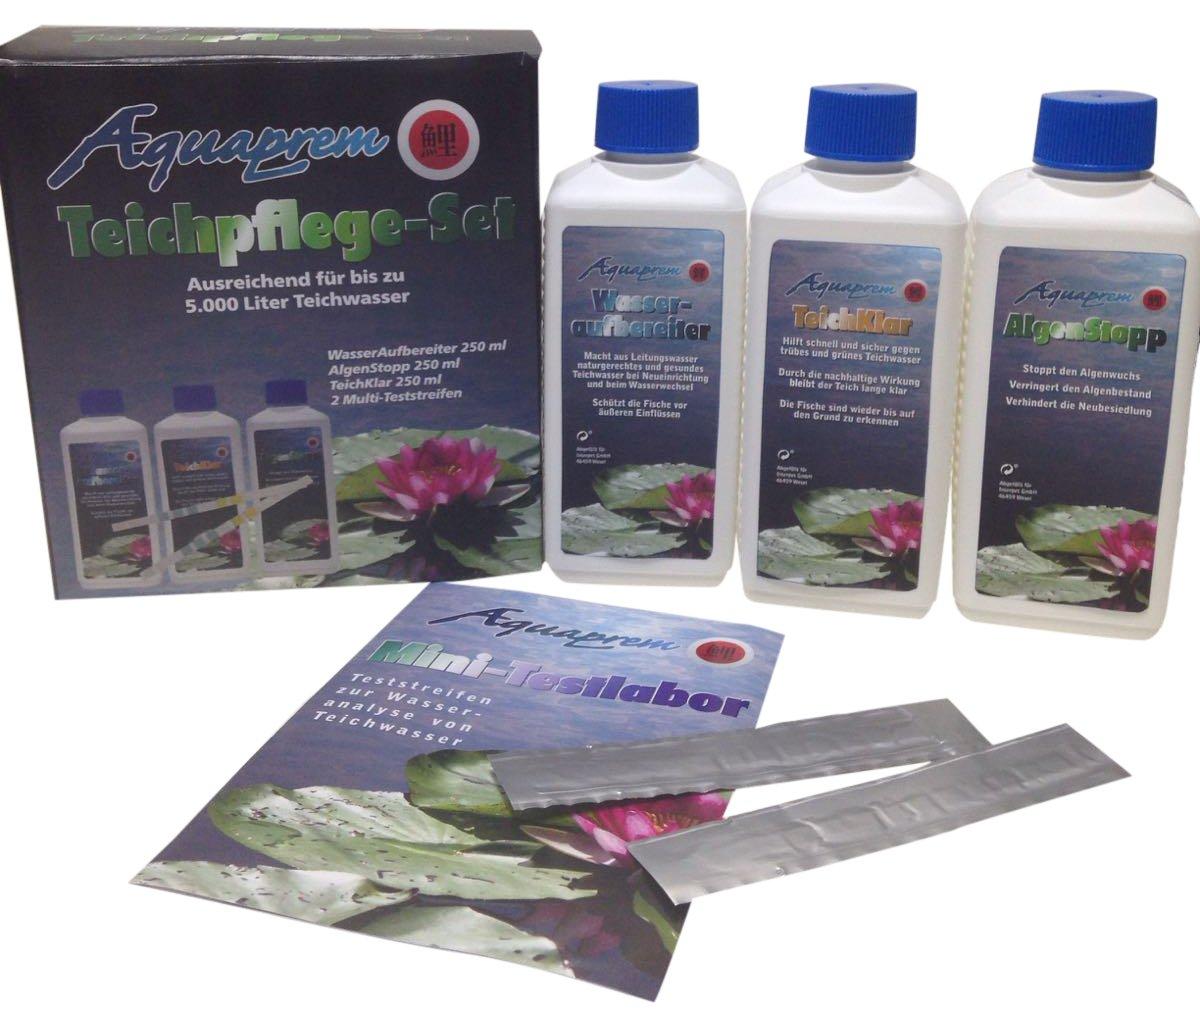 Aquaprem 1 Teichpflege Set Teichreiniger In 3 Phasen